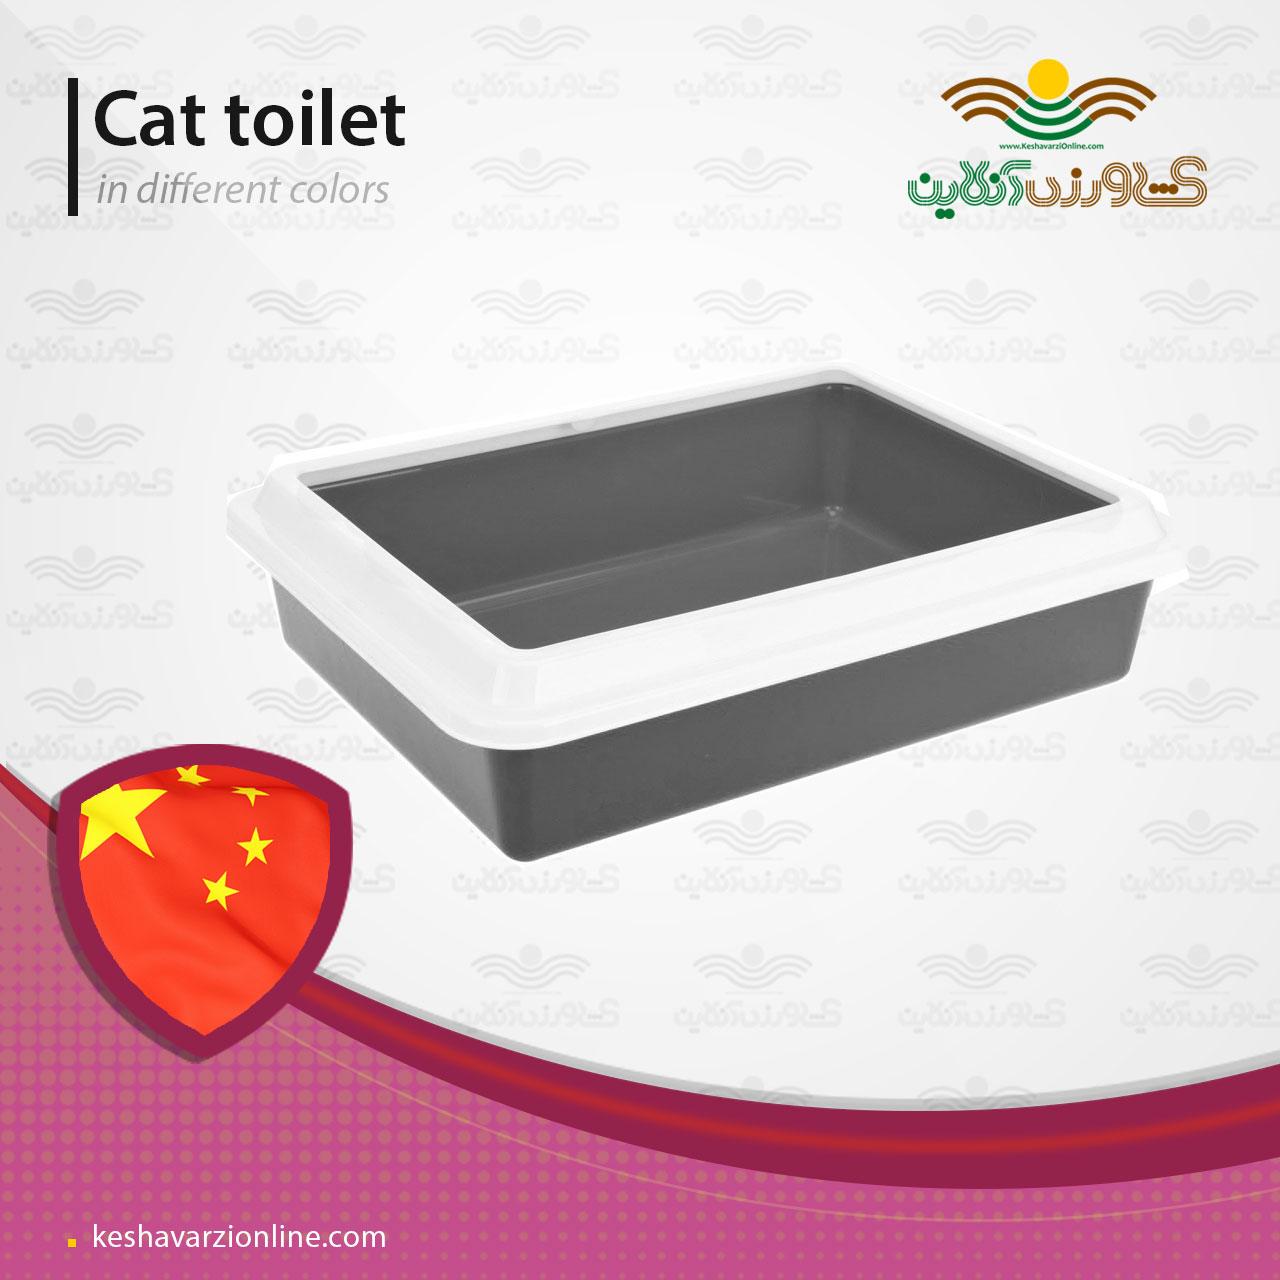 پت شاپ توالت گربه در رنگ های مختلف